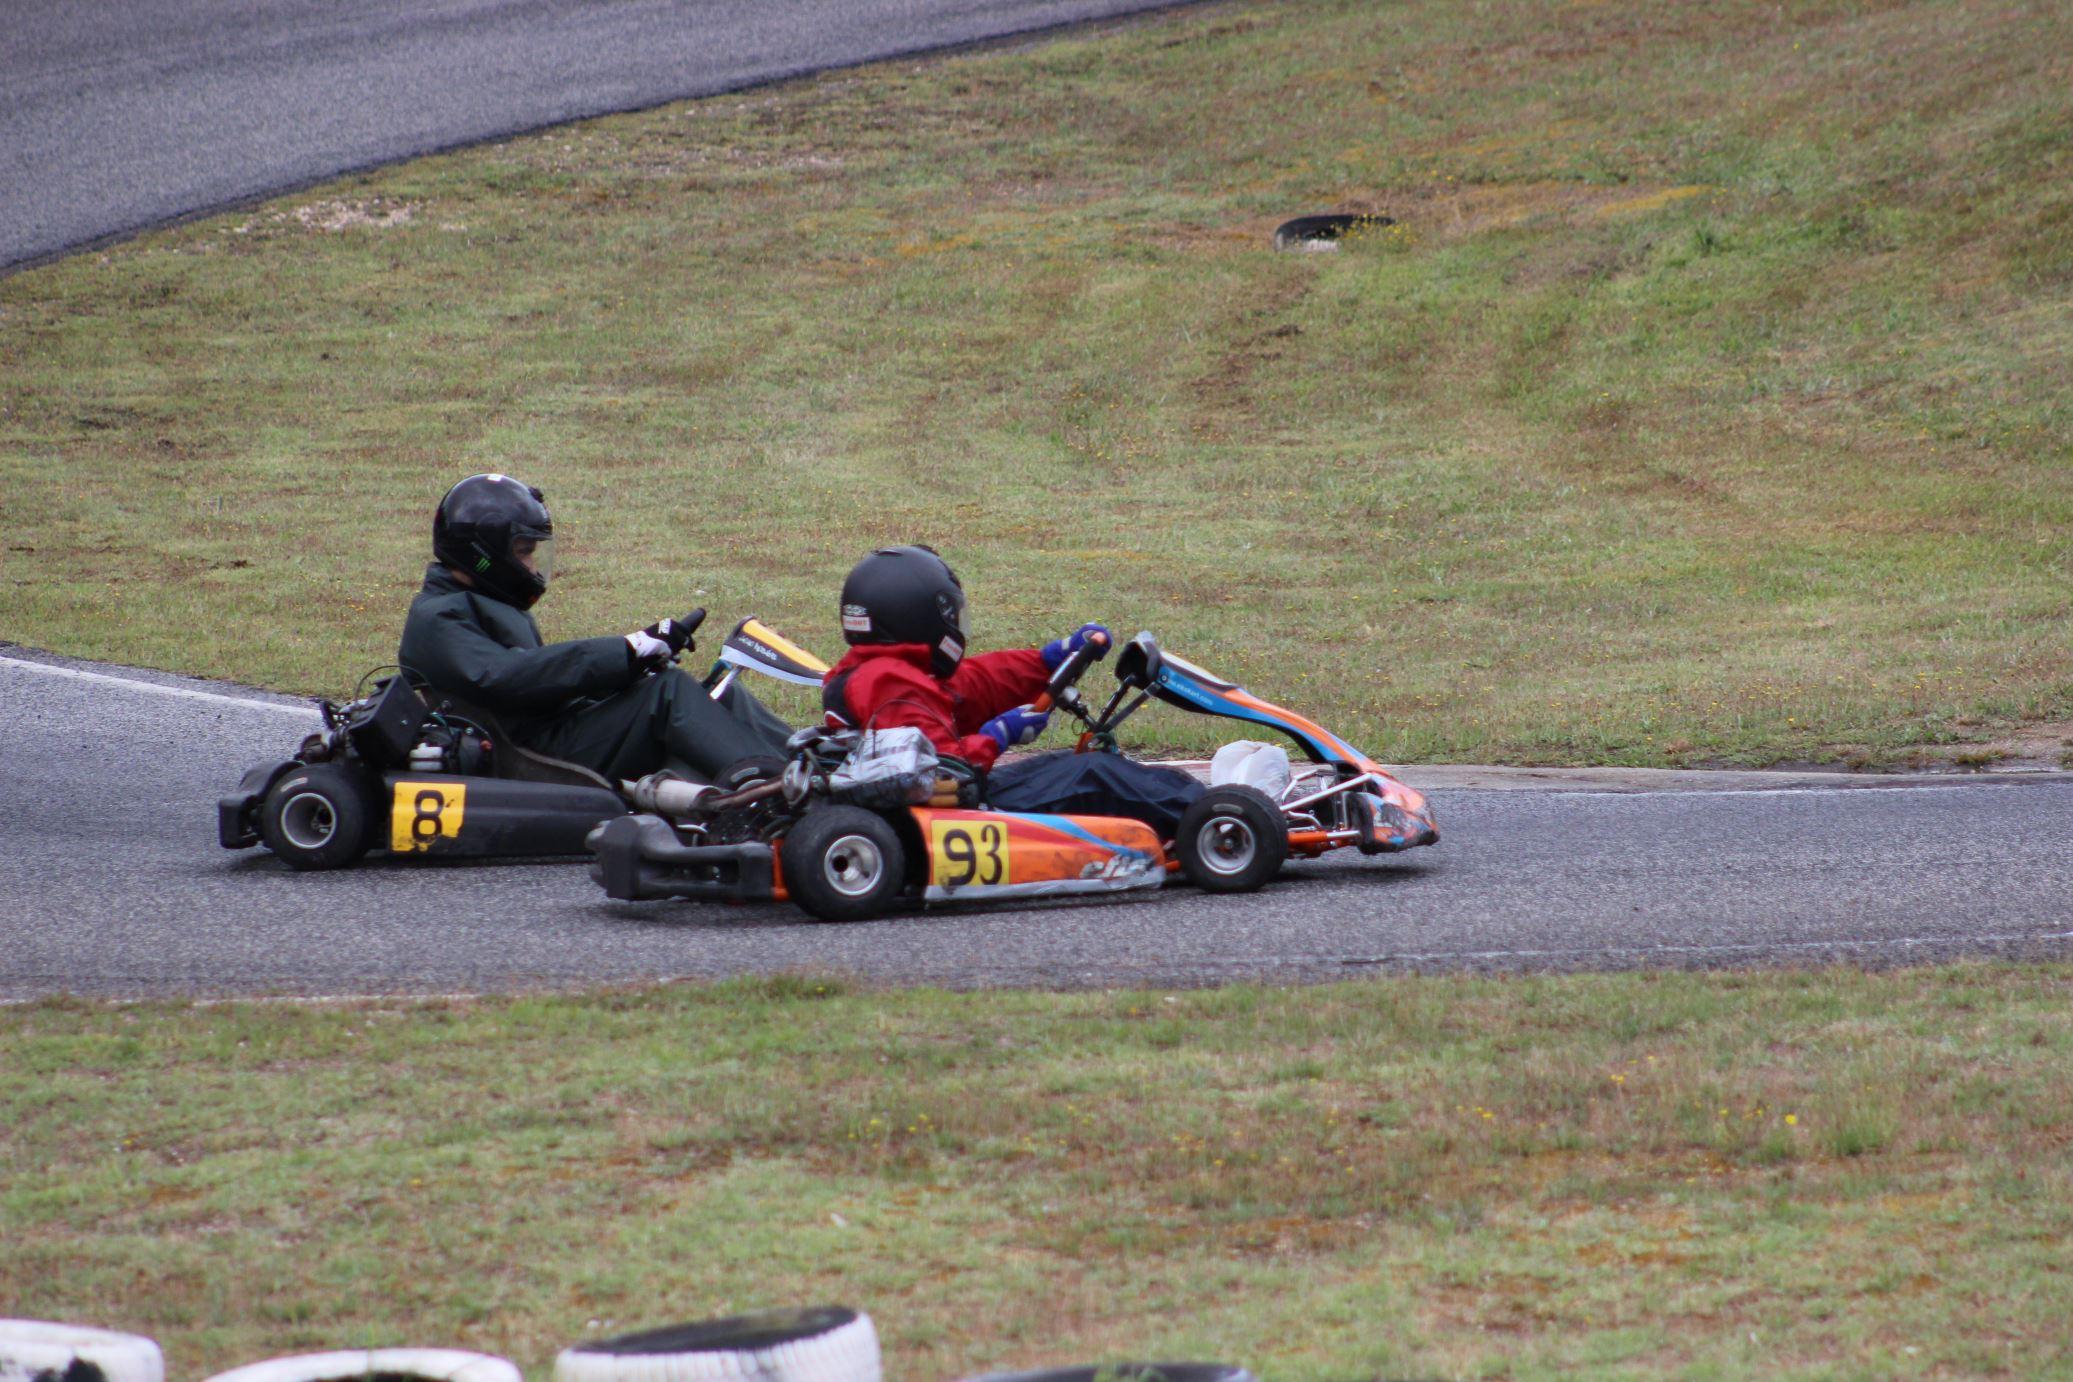 Troféu Honda 2014 - 2ª Prova136